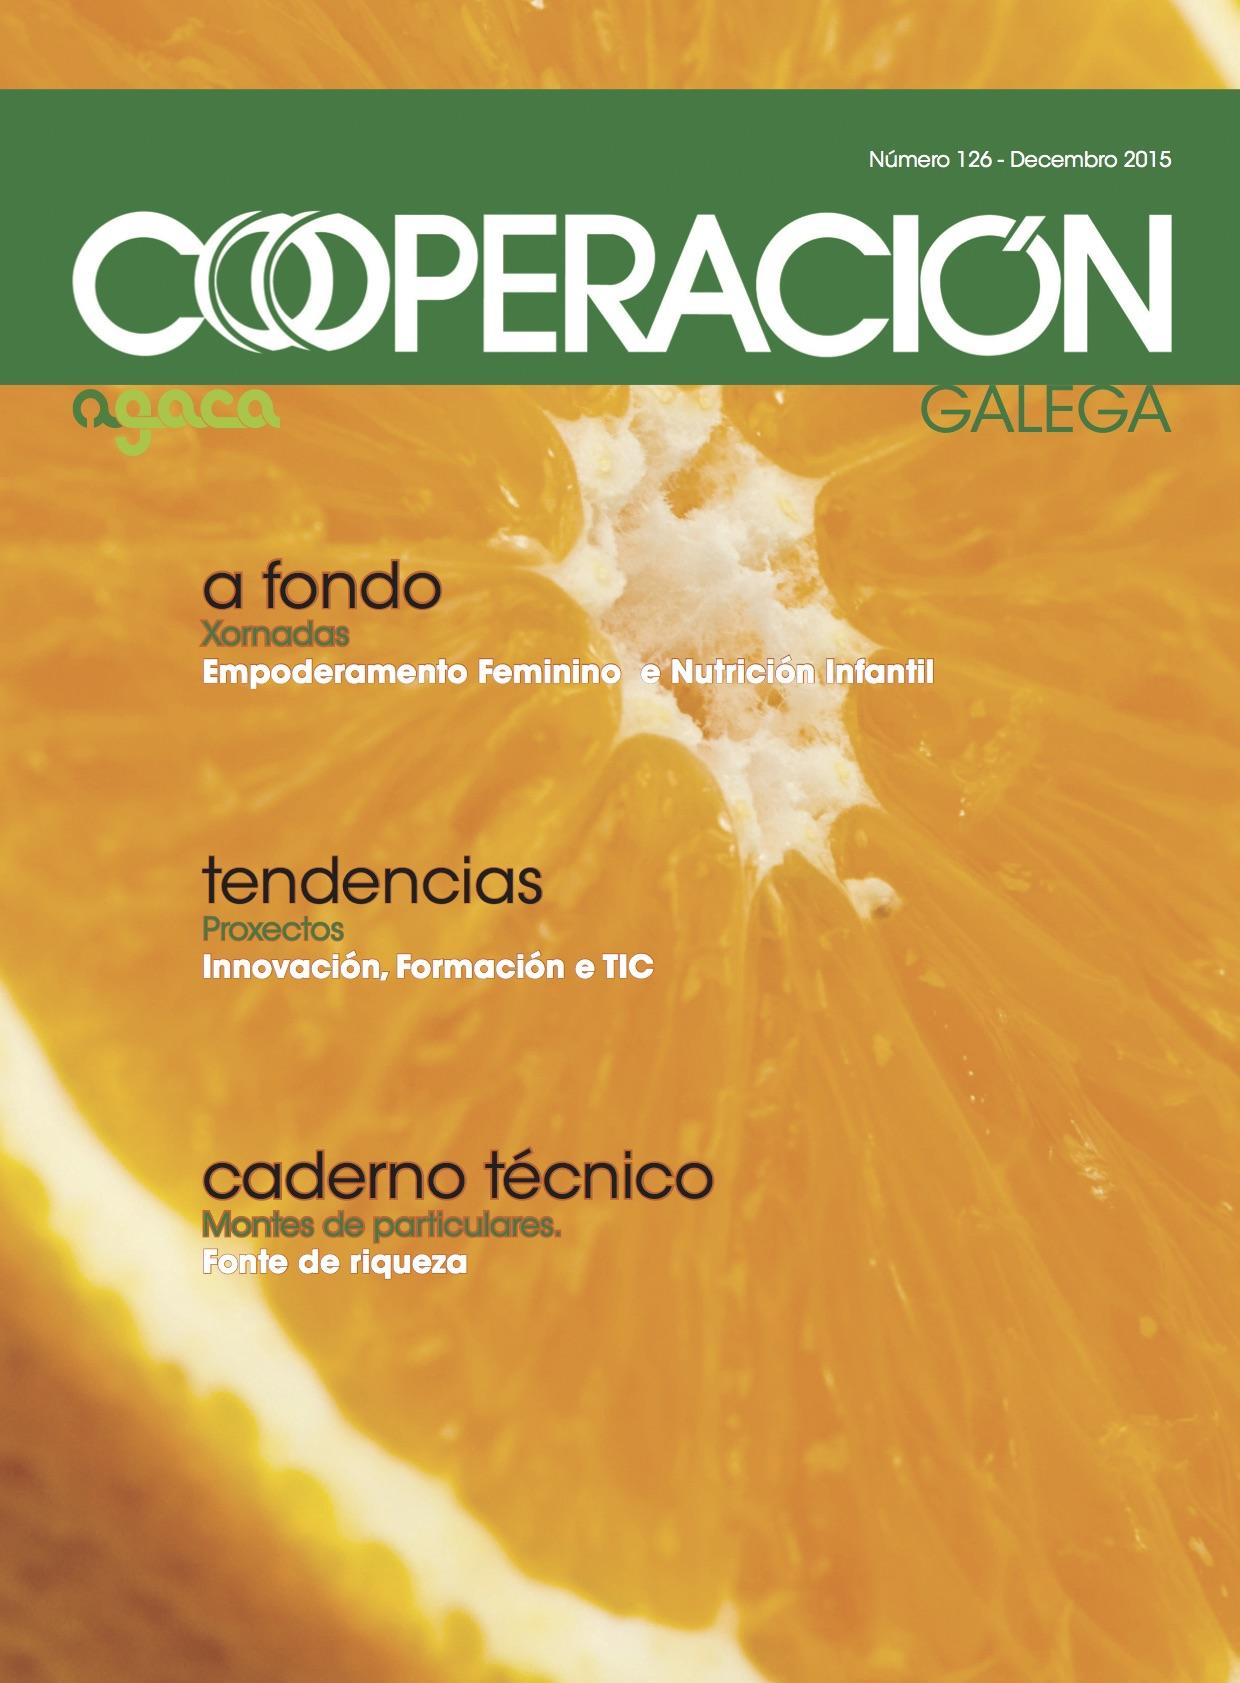 Cooperación Galega nº 126 Decembro 2015